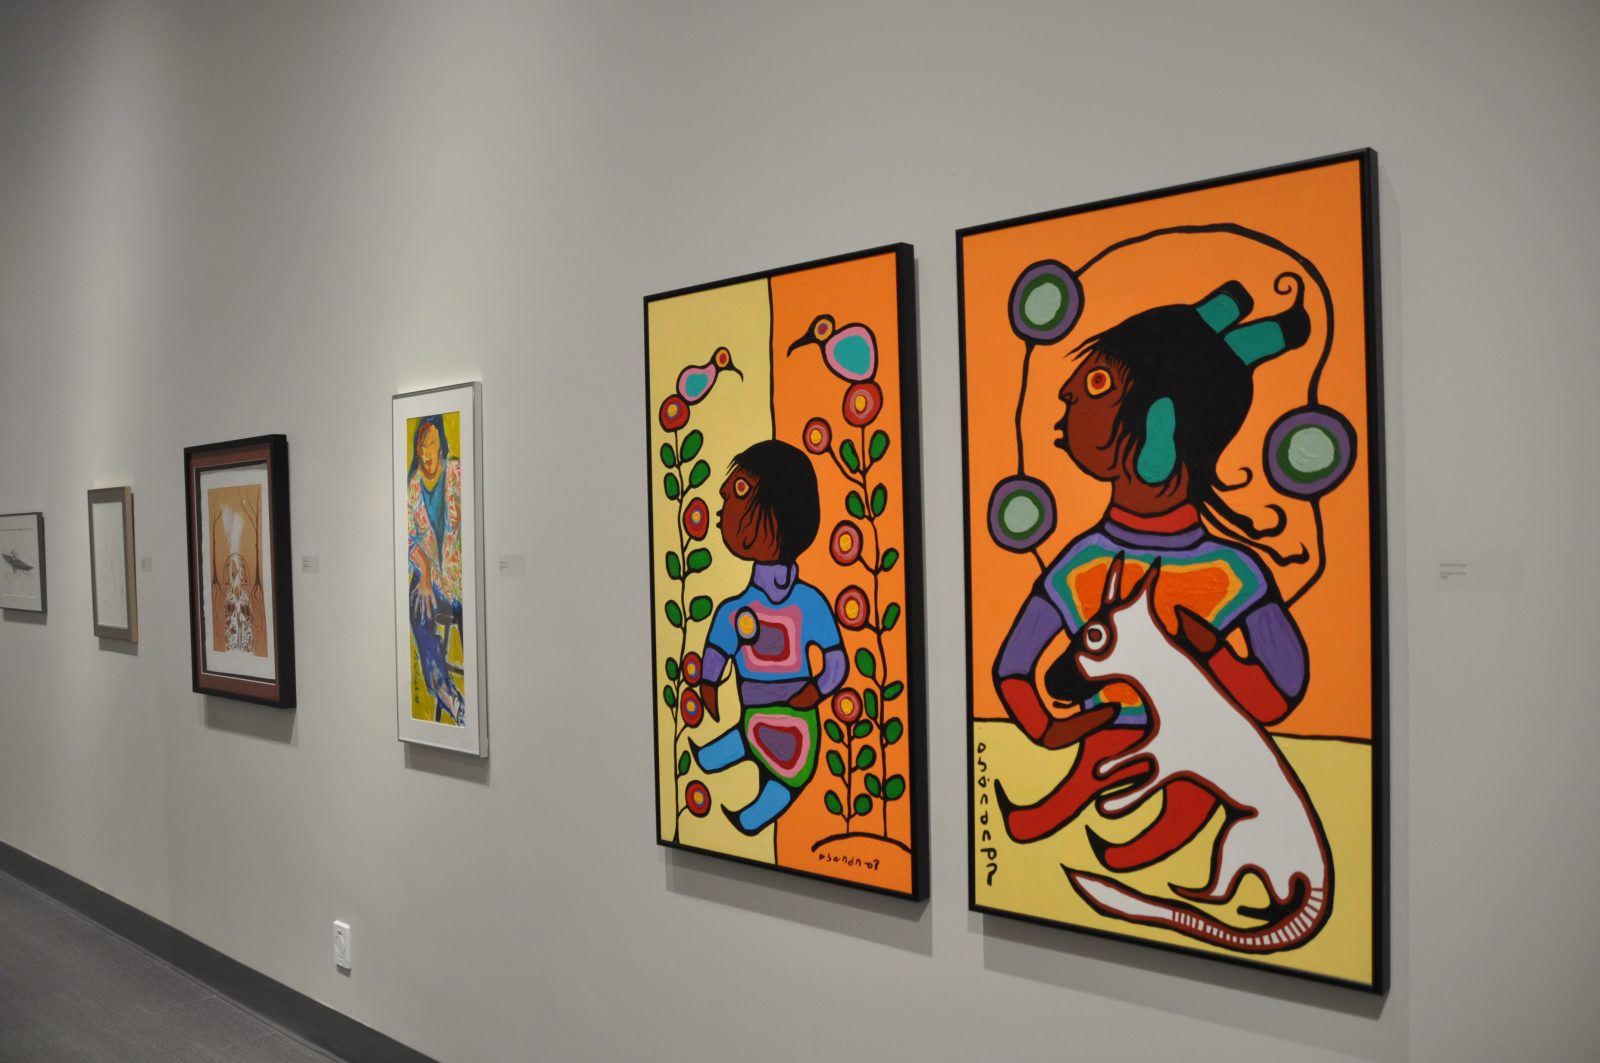 Découvrir l'histoire et l'art autochtone au Musée amérindien de Mashteuiatsh